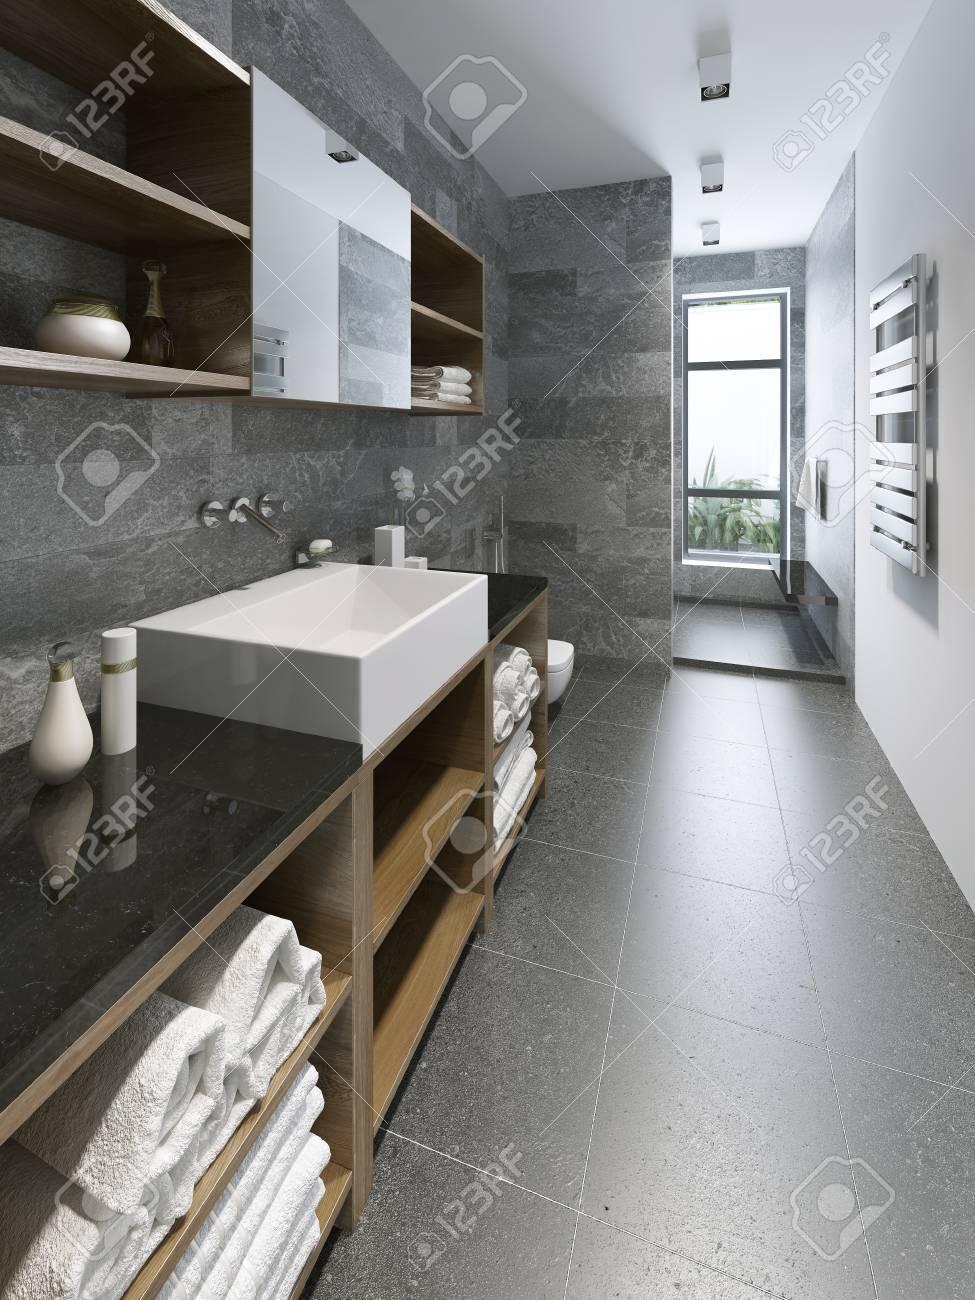 Hightech Bad Design. Beleuchtung Und Fenster Im Bad. Mixed Weiß Und Grau